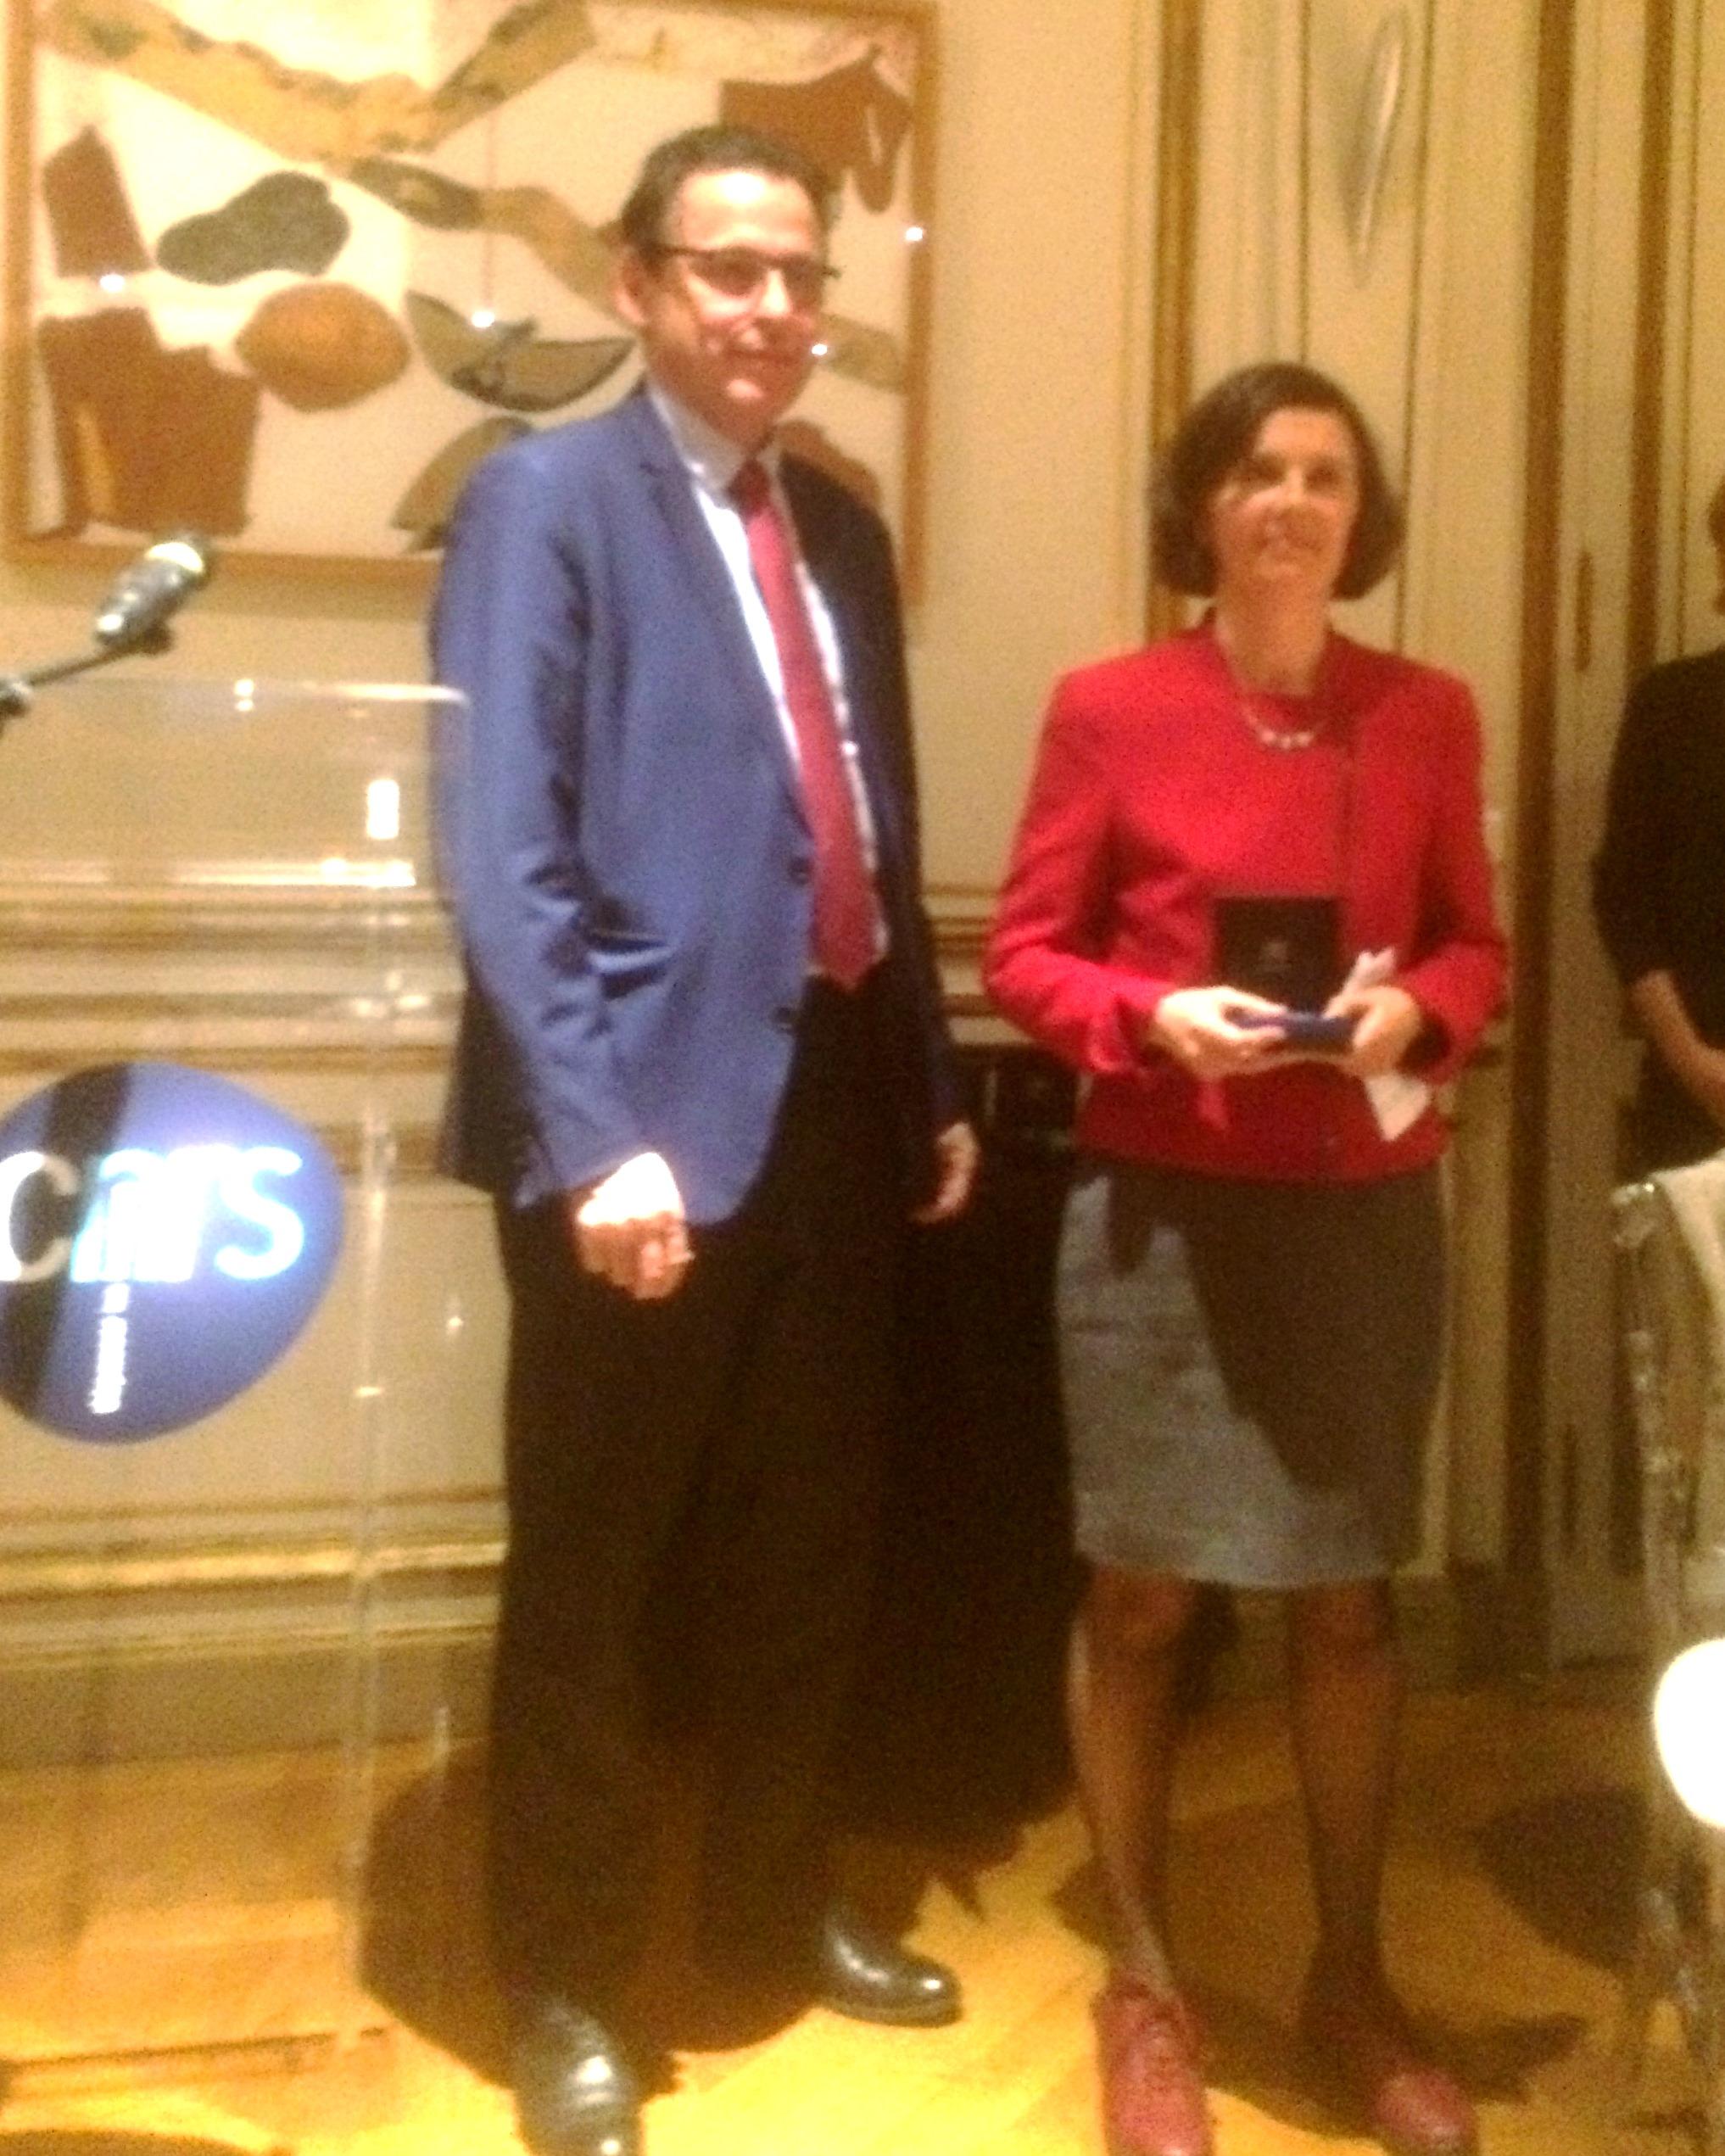 Remise de la Médaille d'argent 2017 du CNRS à  Bérengère Dubrulle